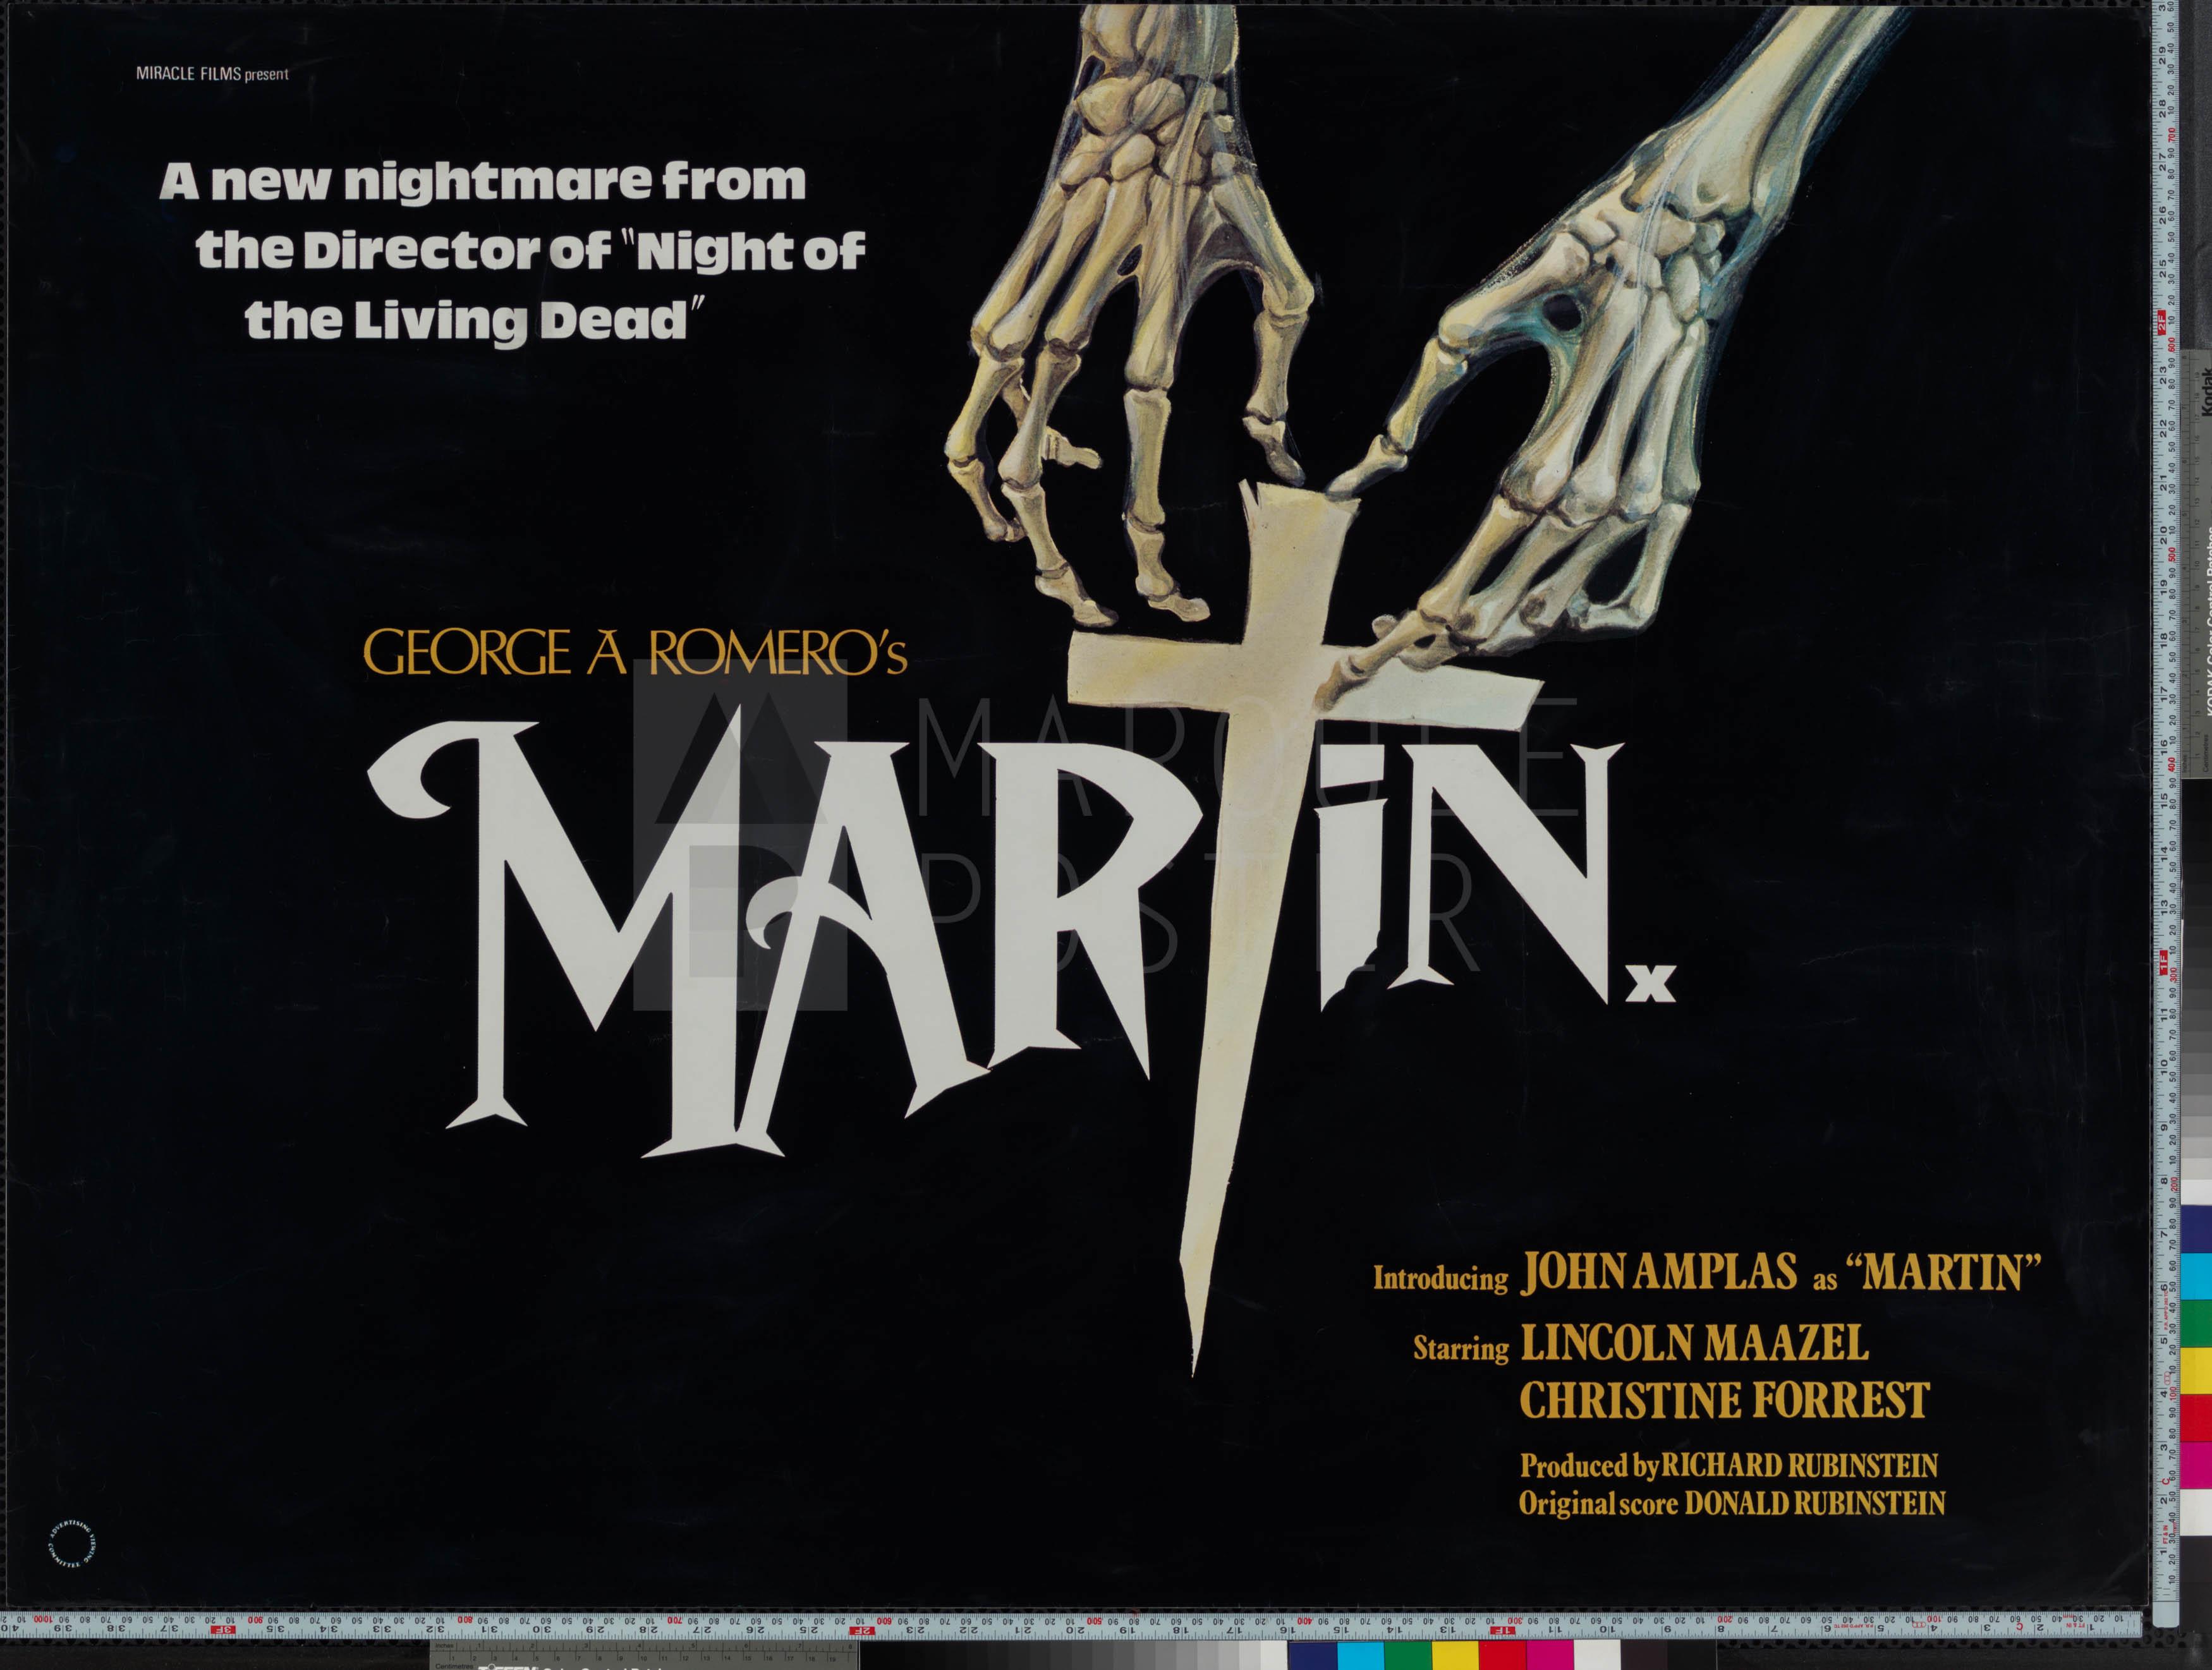 68-martin-uk-quad-1978-02